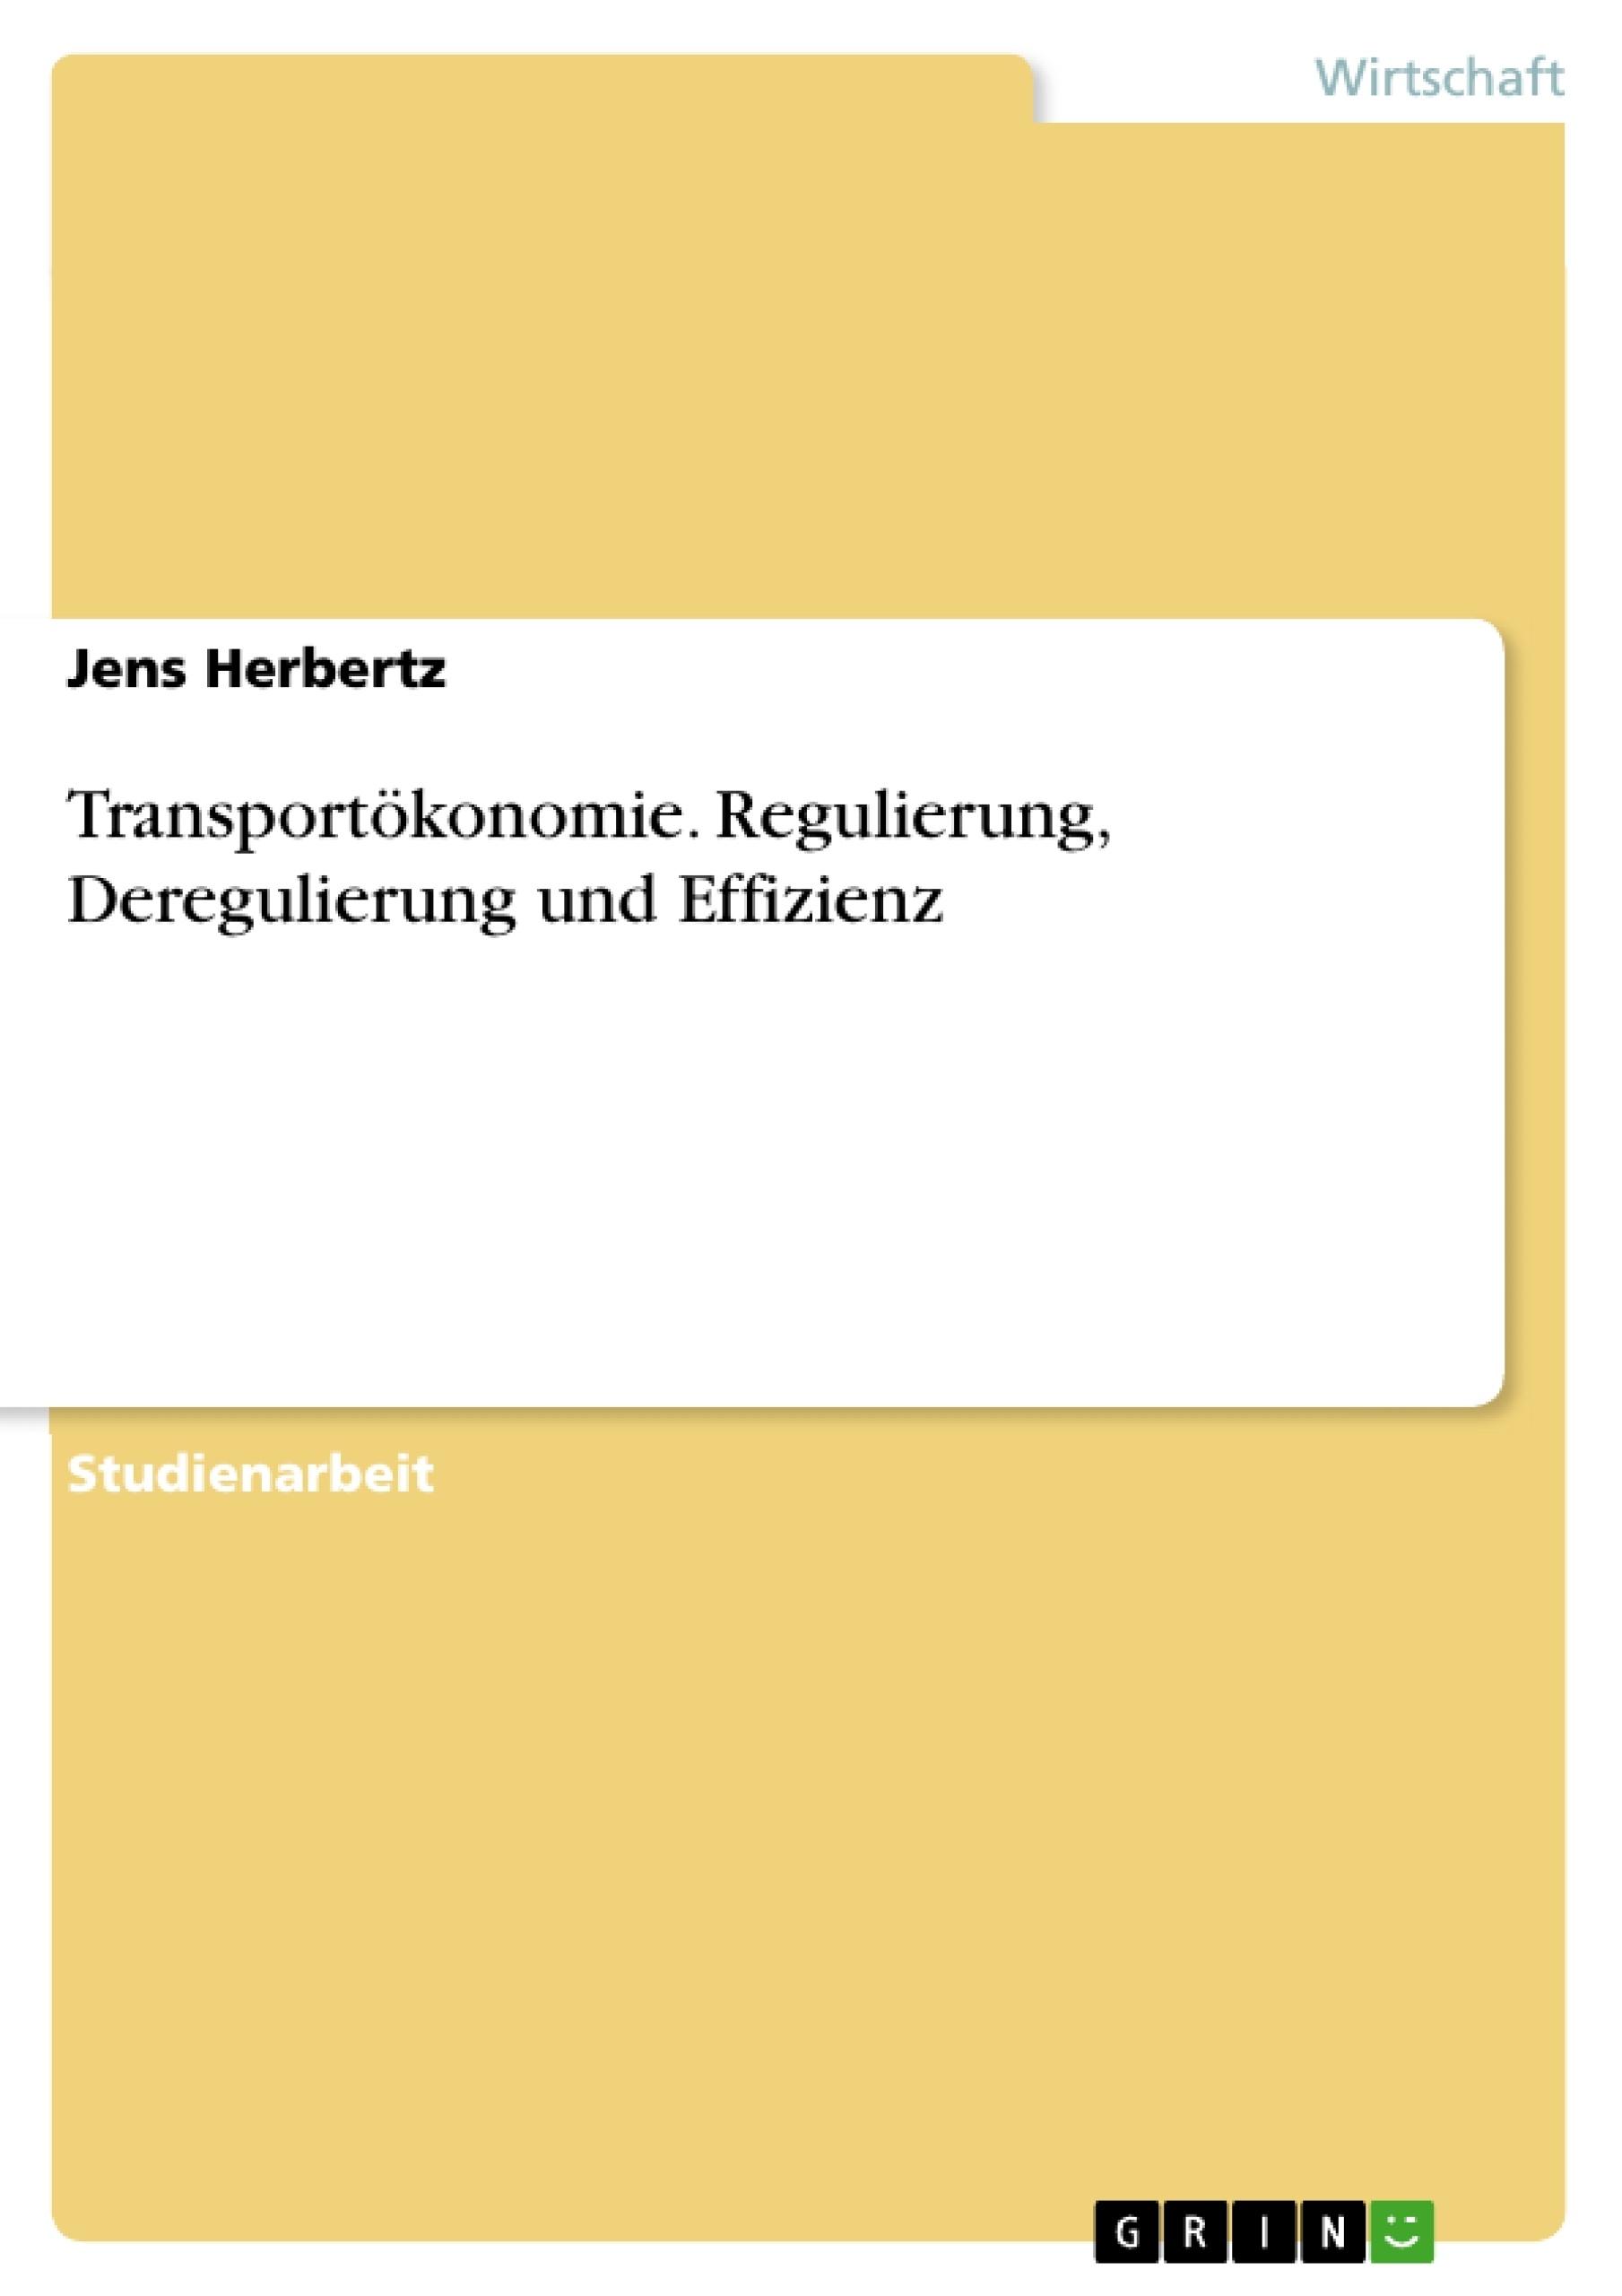 Titel: Transportökonomie. Regulierung, Deregulierung und Effizienz